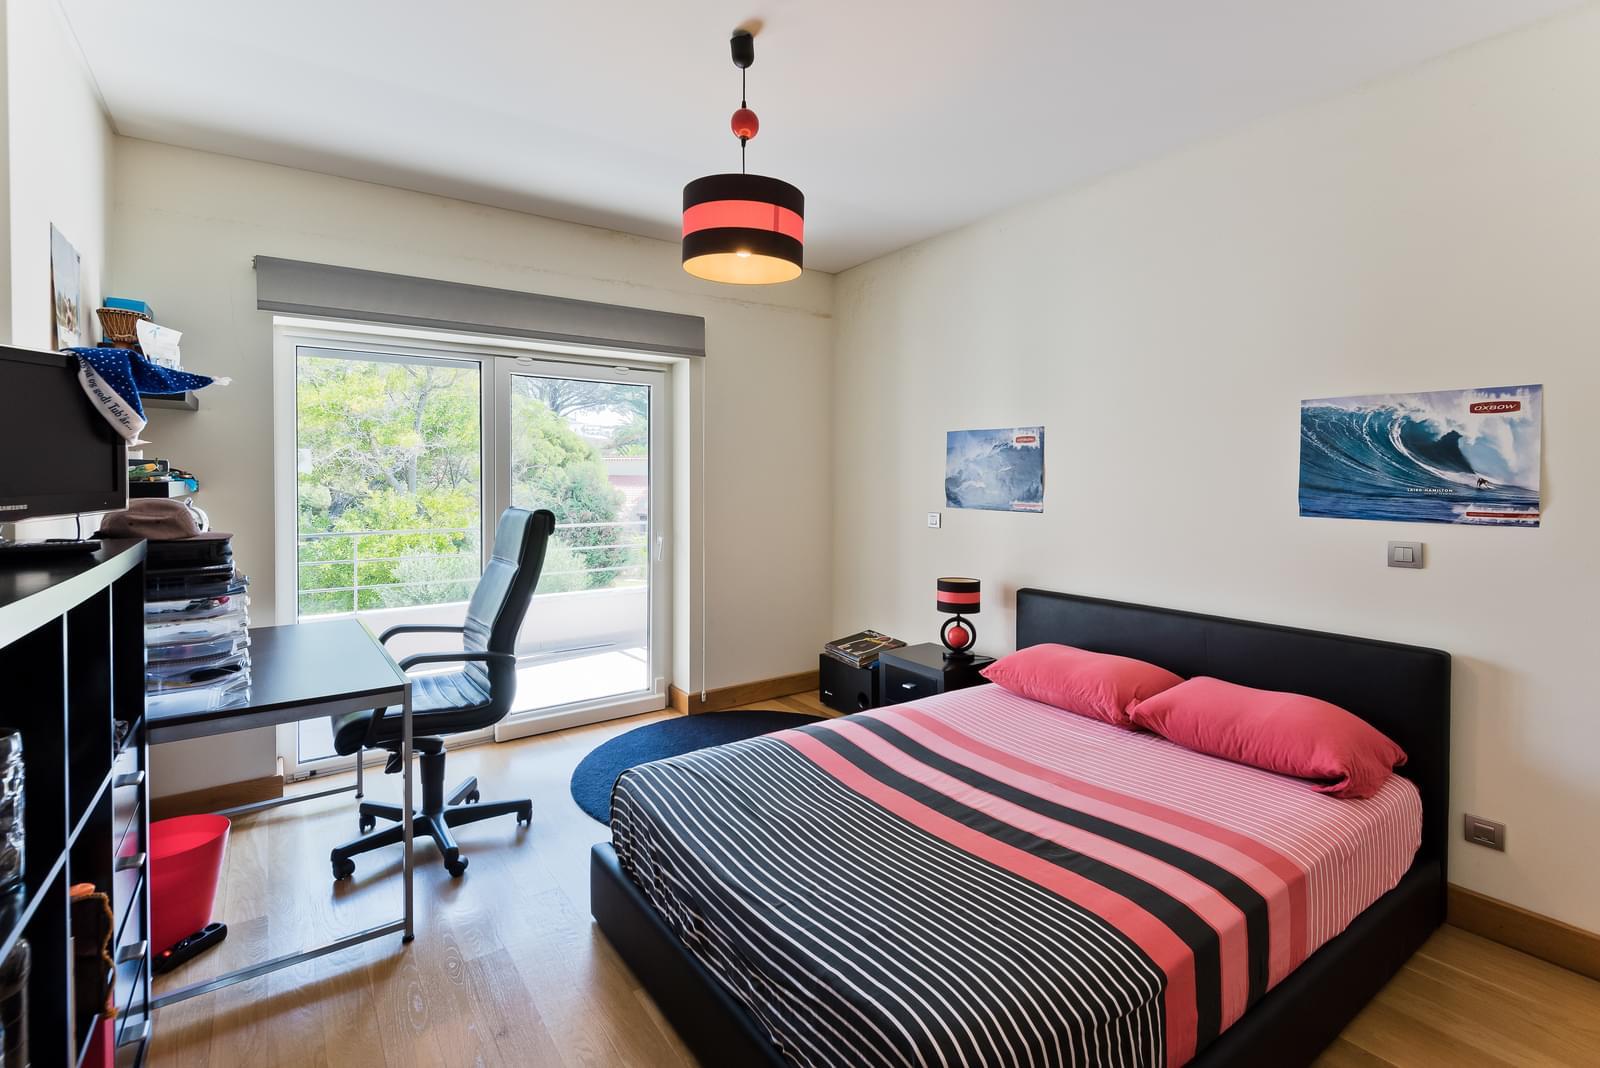 pf18030-apartamento-t4-cascais-aca4a287-b9de-47b3-b167-cfef312915fe